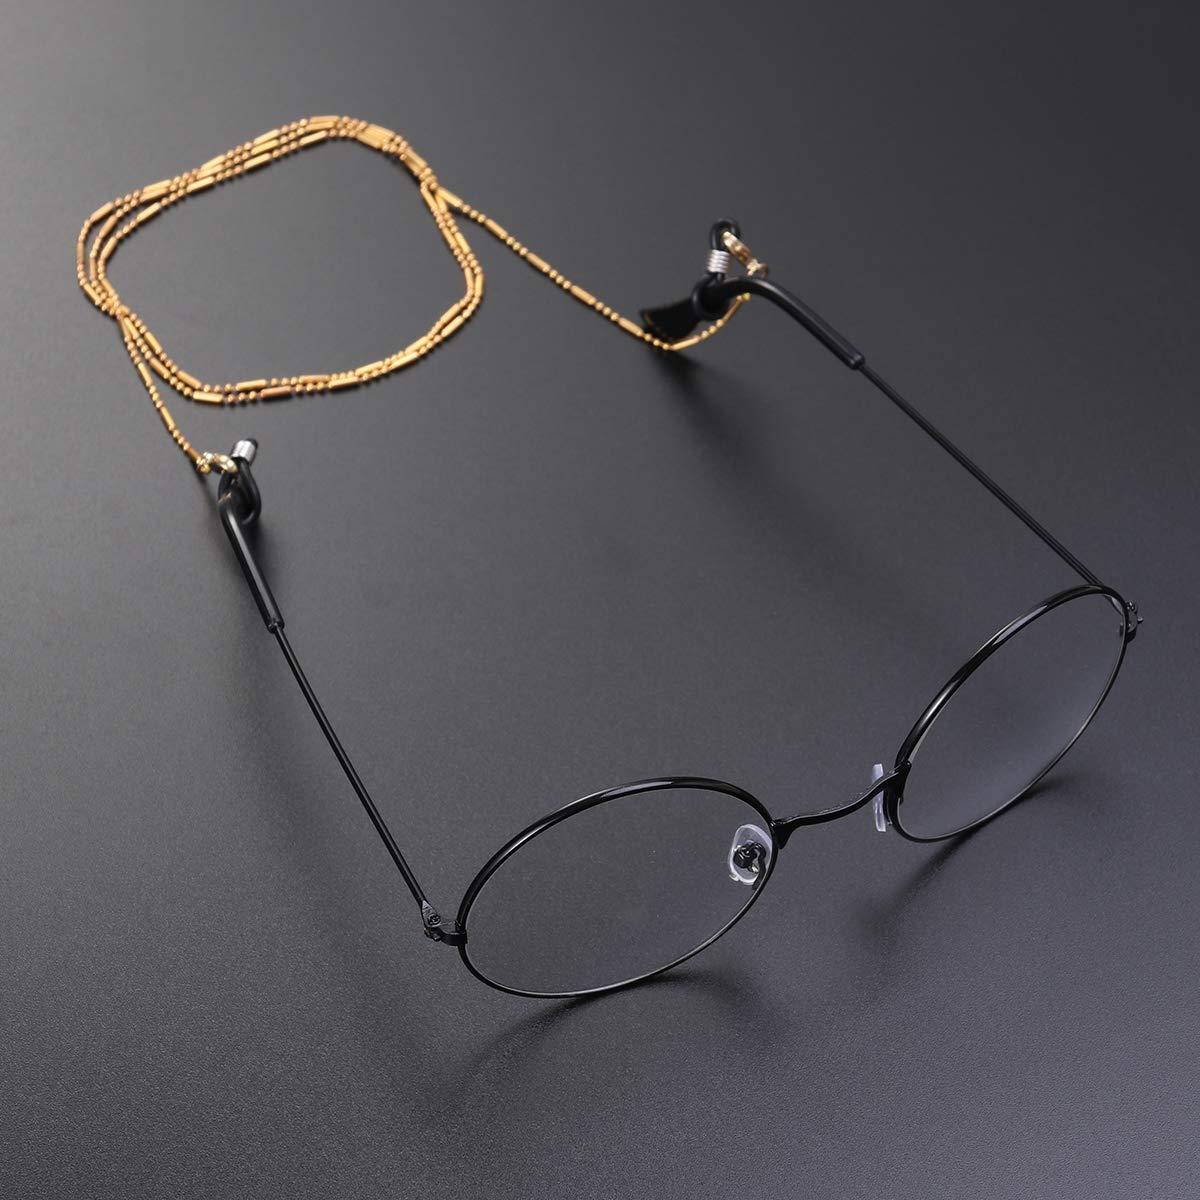 dorato SUPVOX Corda per occhiali cordino per occhiali Occhiali catena Fermaocchiali Antiscivolo